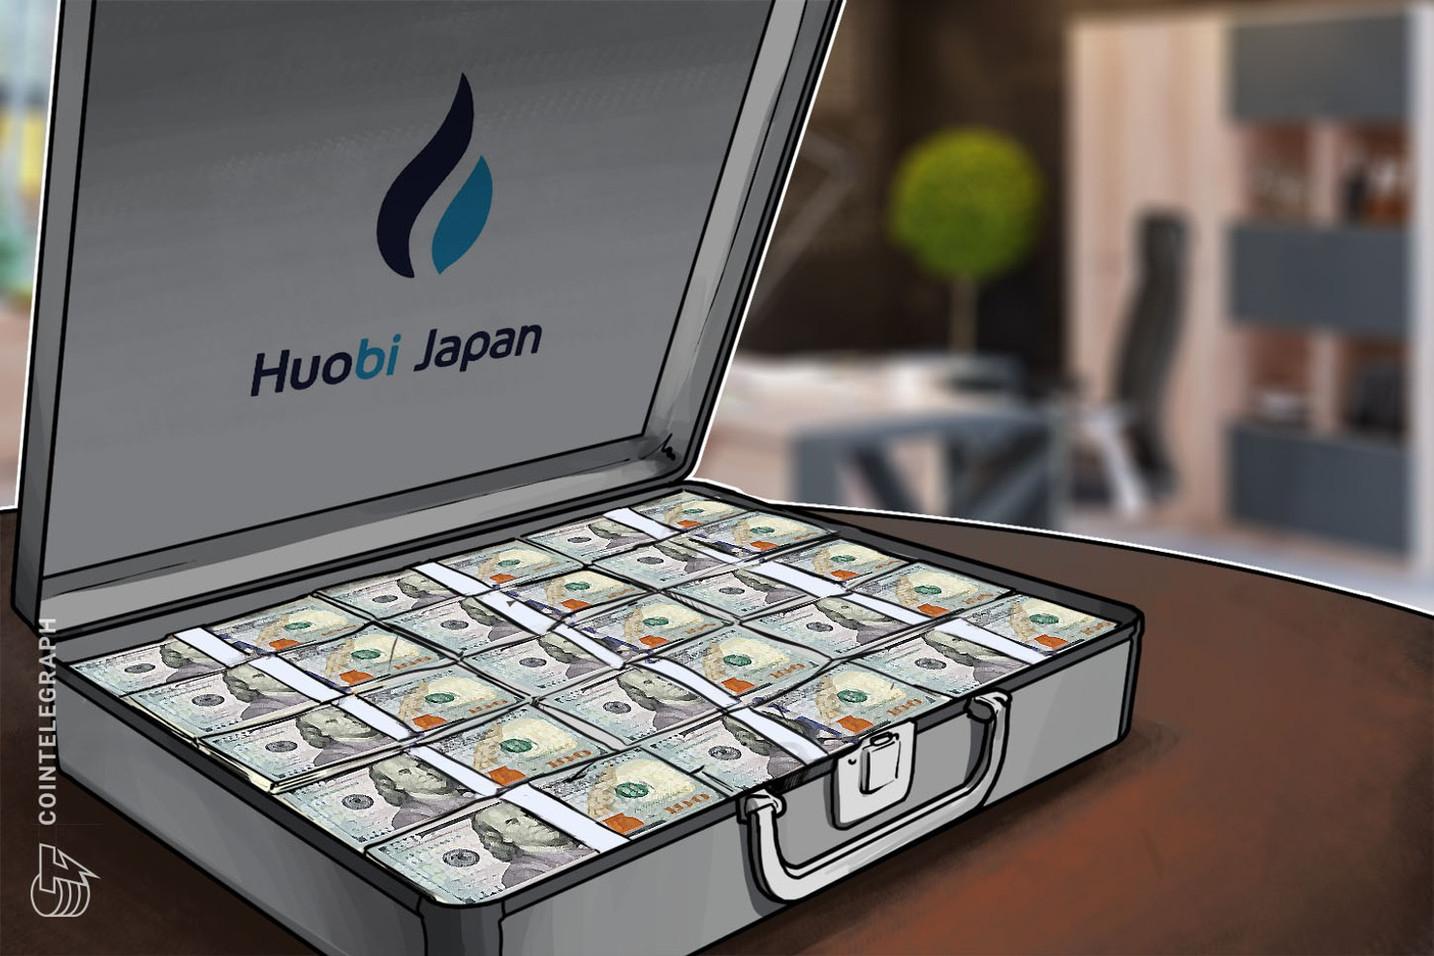 仮想通貨取引所フォビ・ジャパンに東海東京が5億円出資|IEOを展開へ=日経【ニュース】